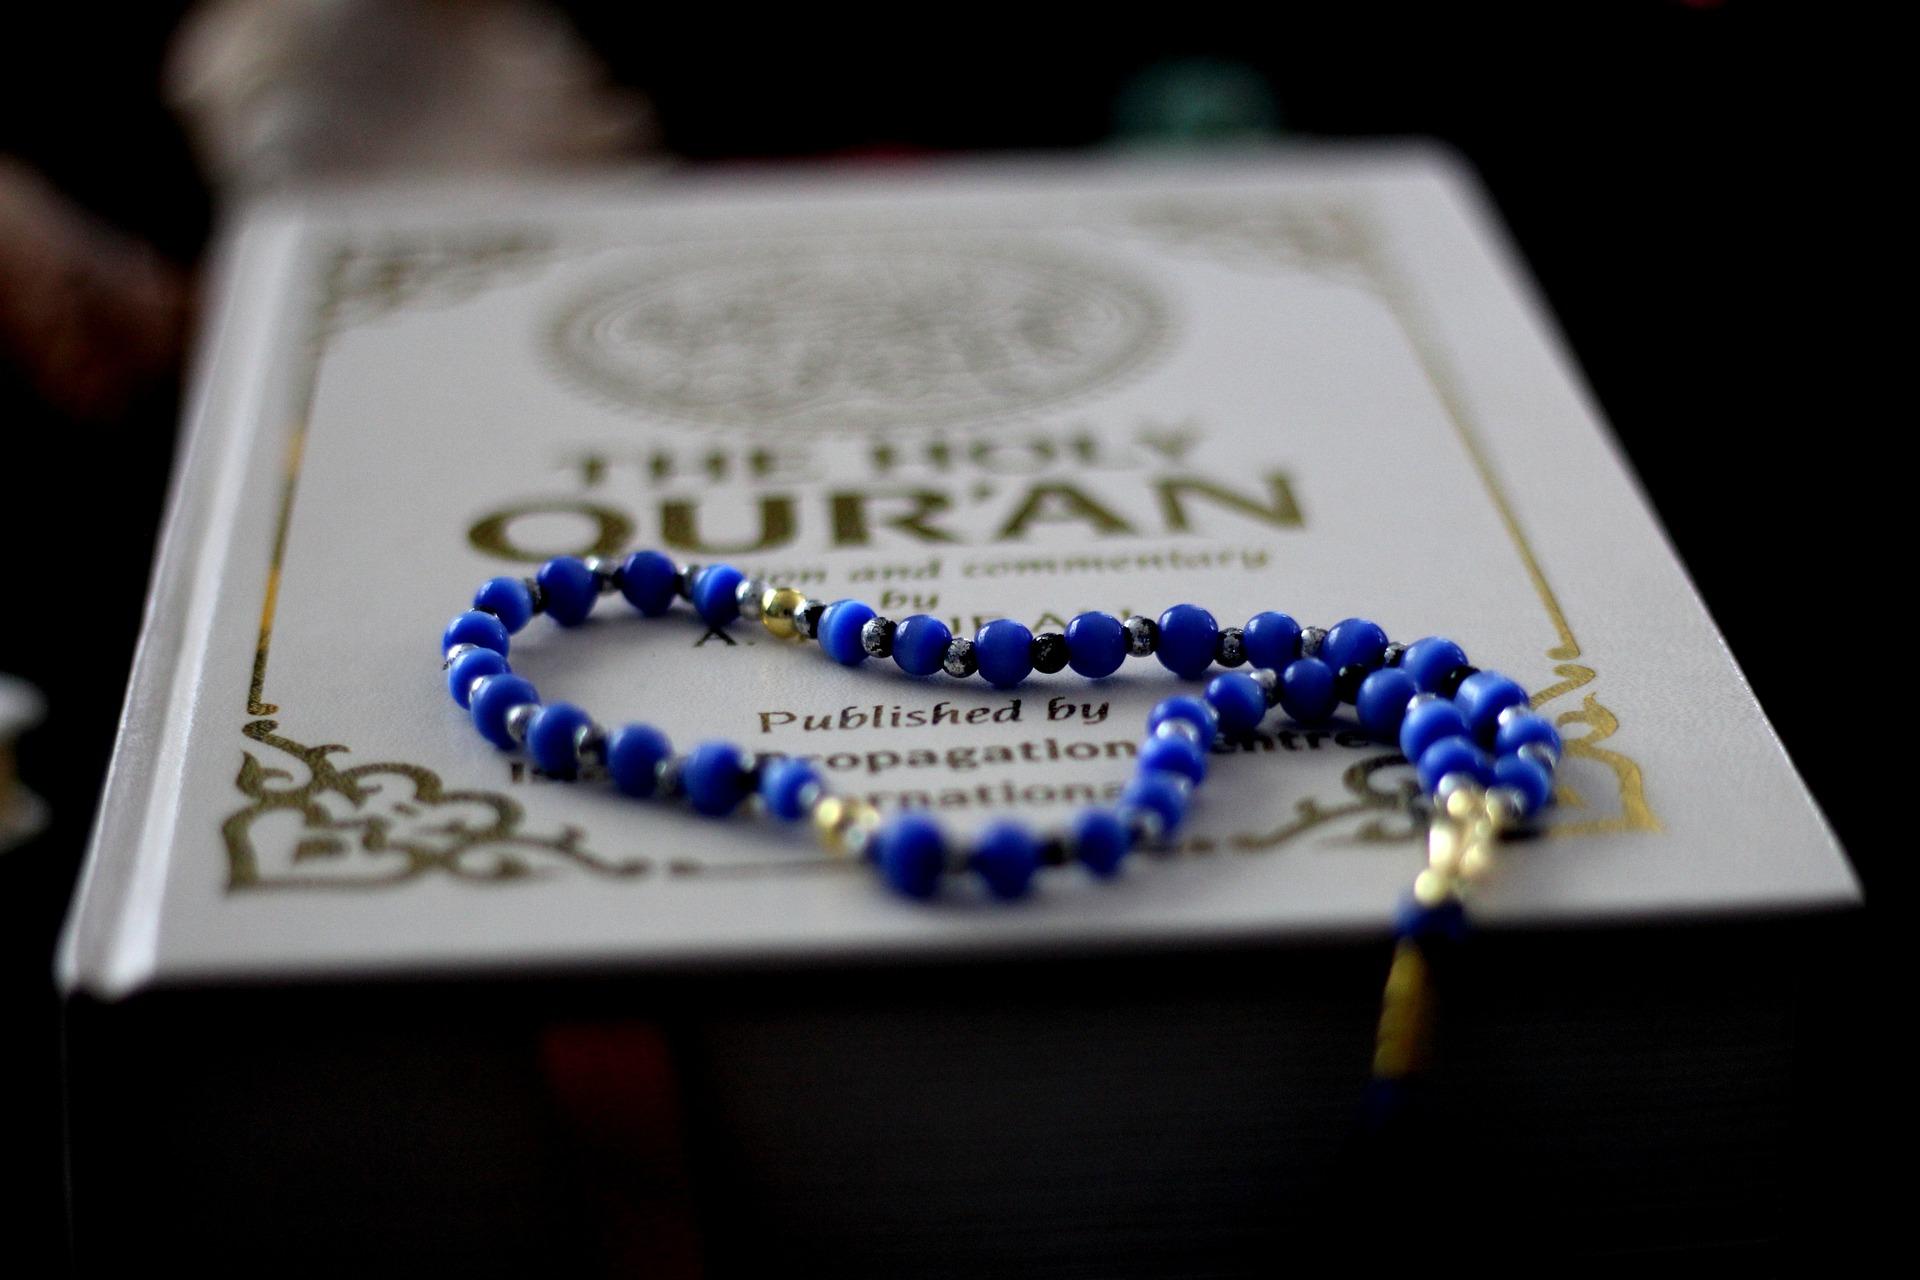 Gott spricht kein Arabisch